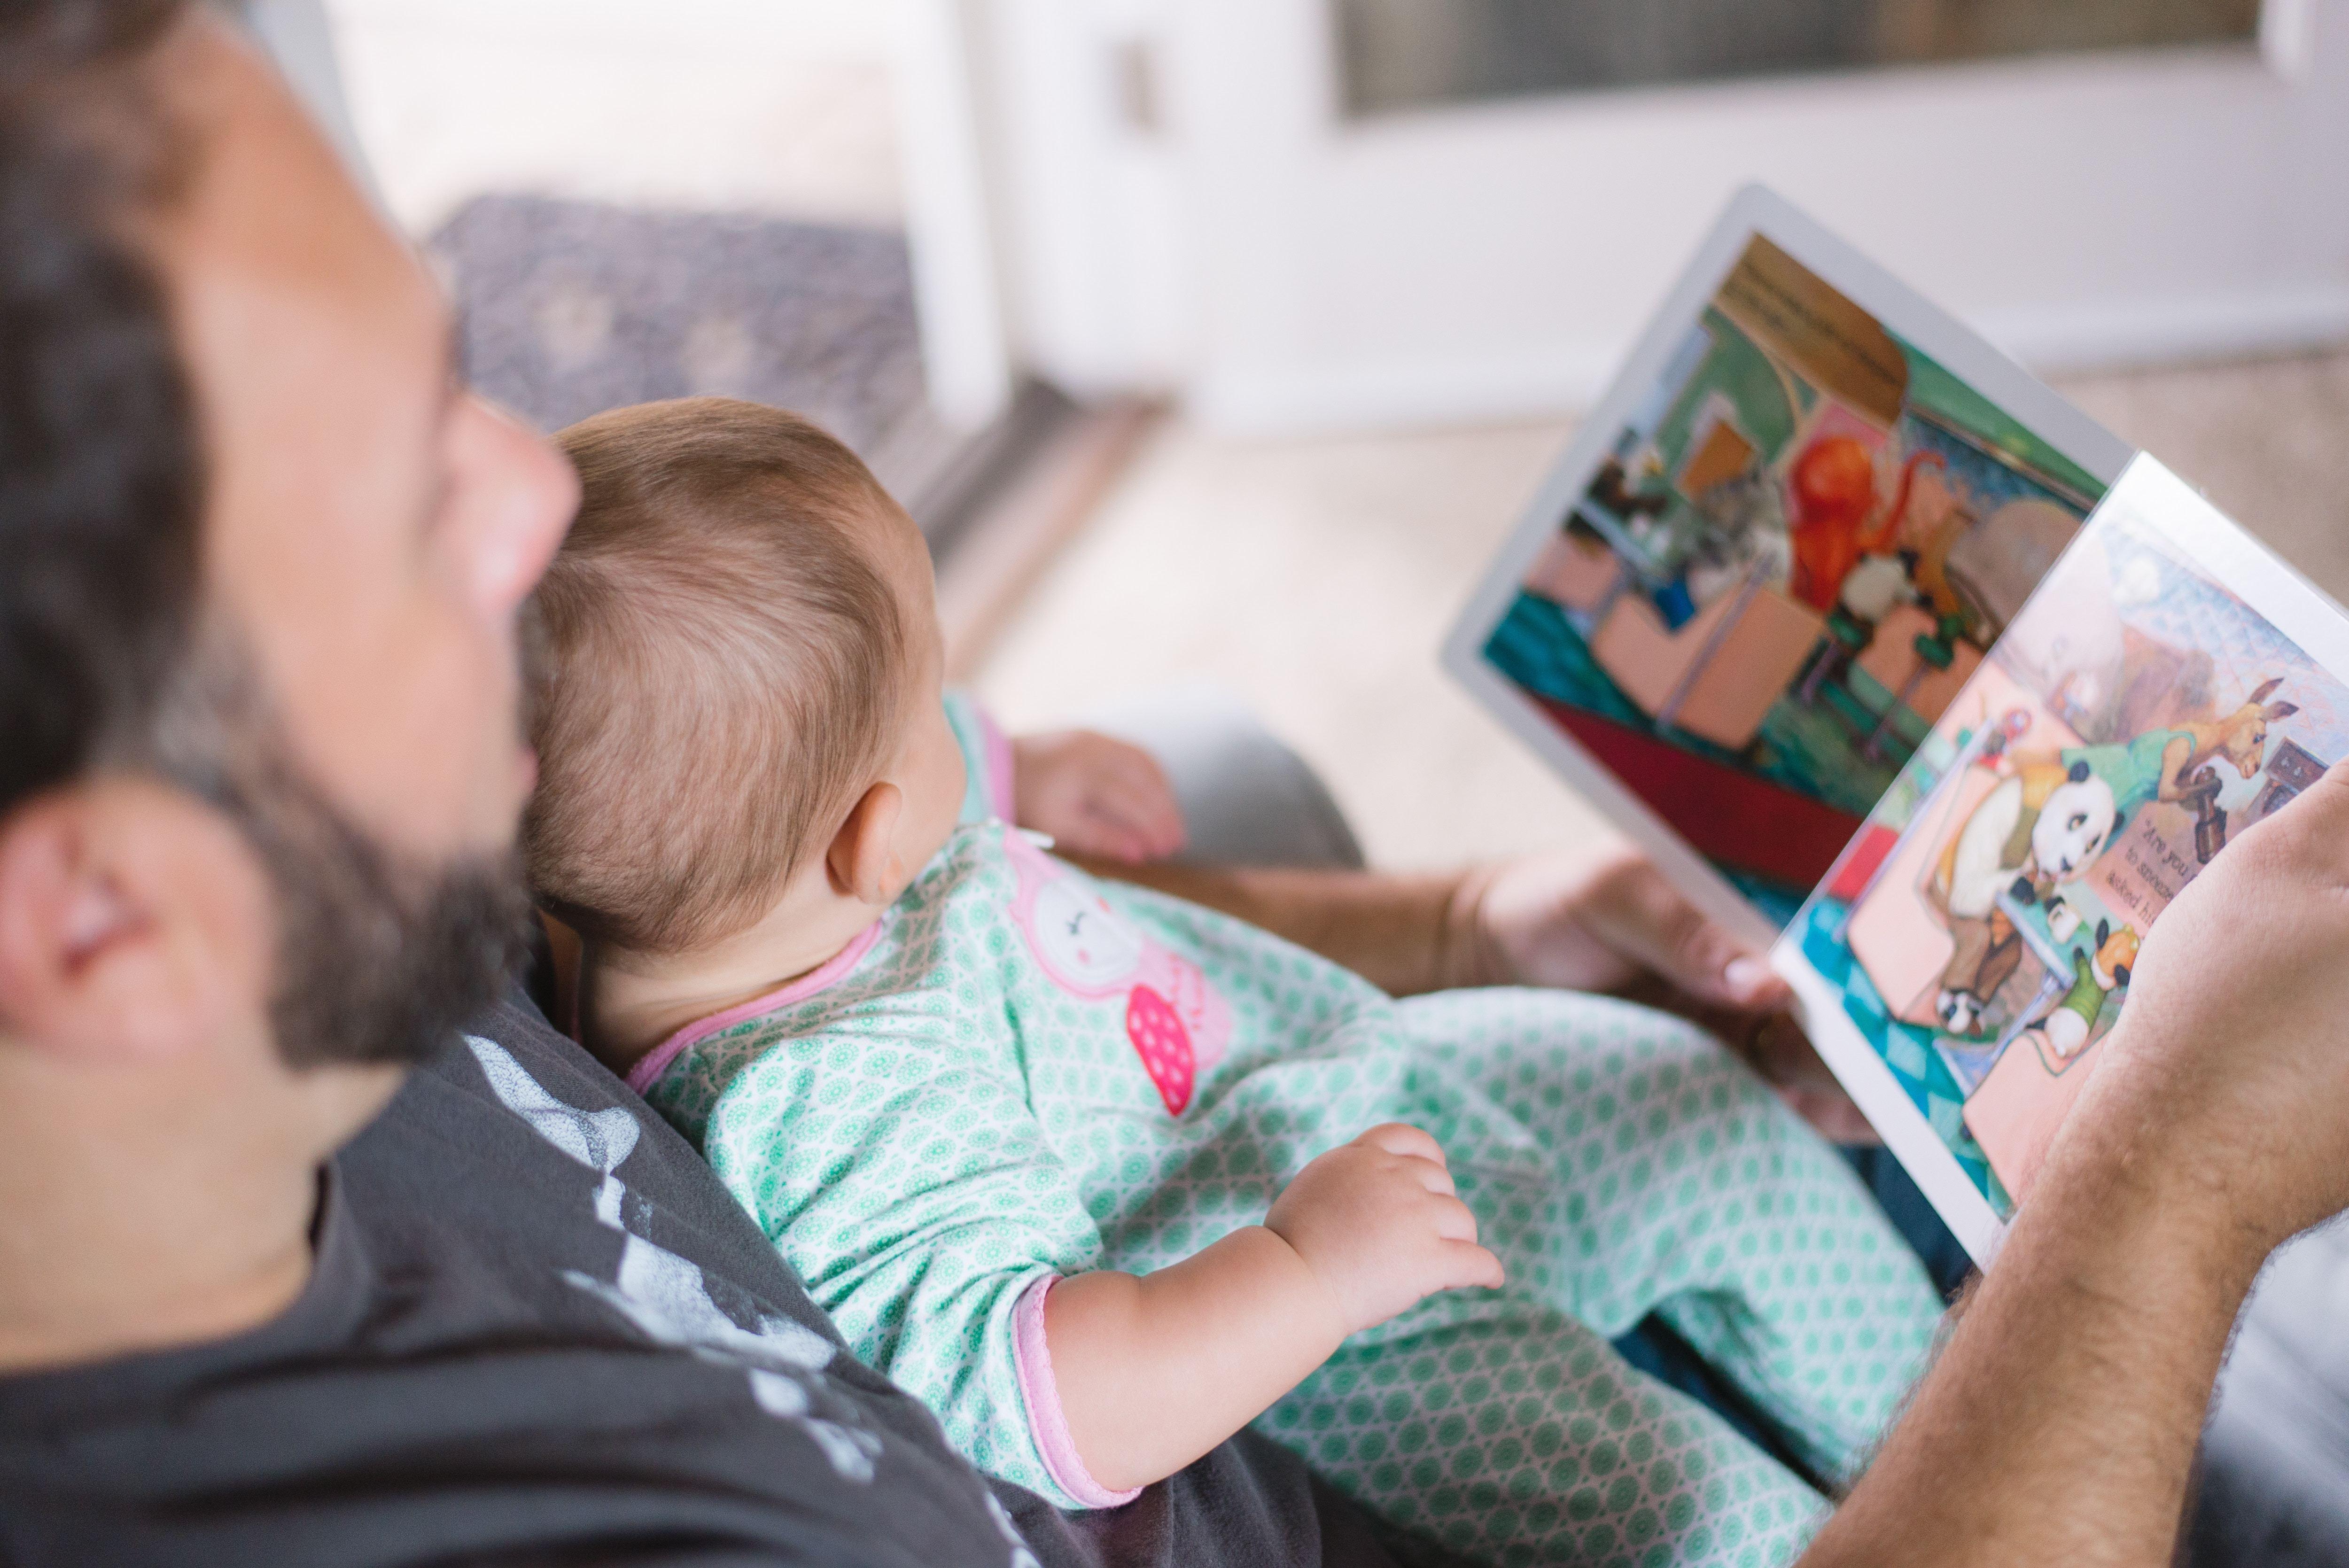 Barn og familie foto illustrasjon far med barn